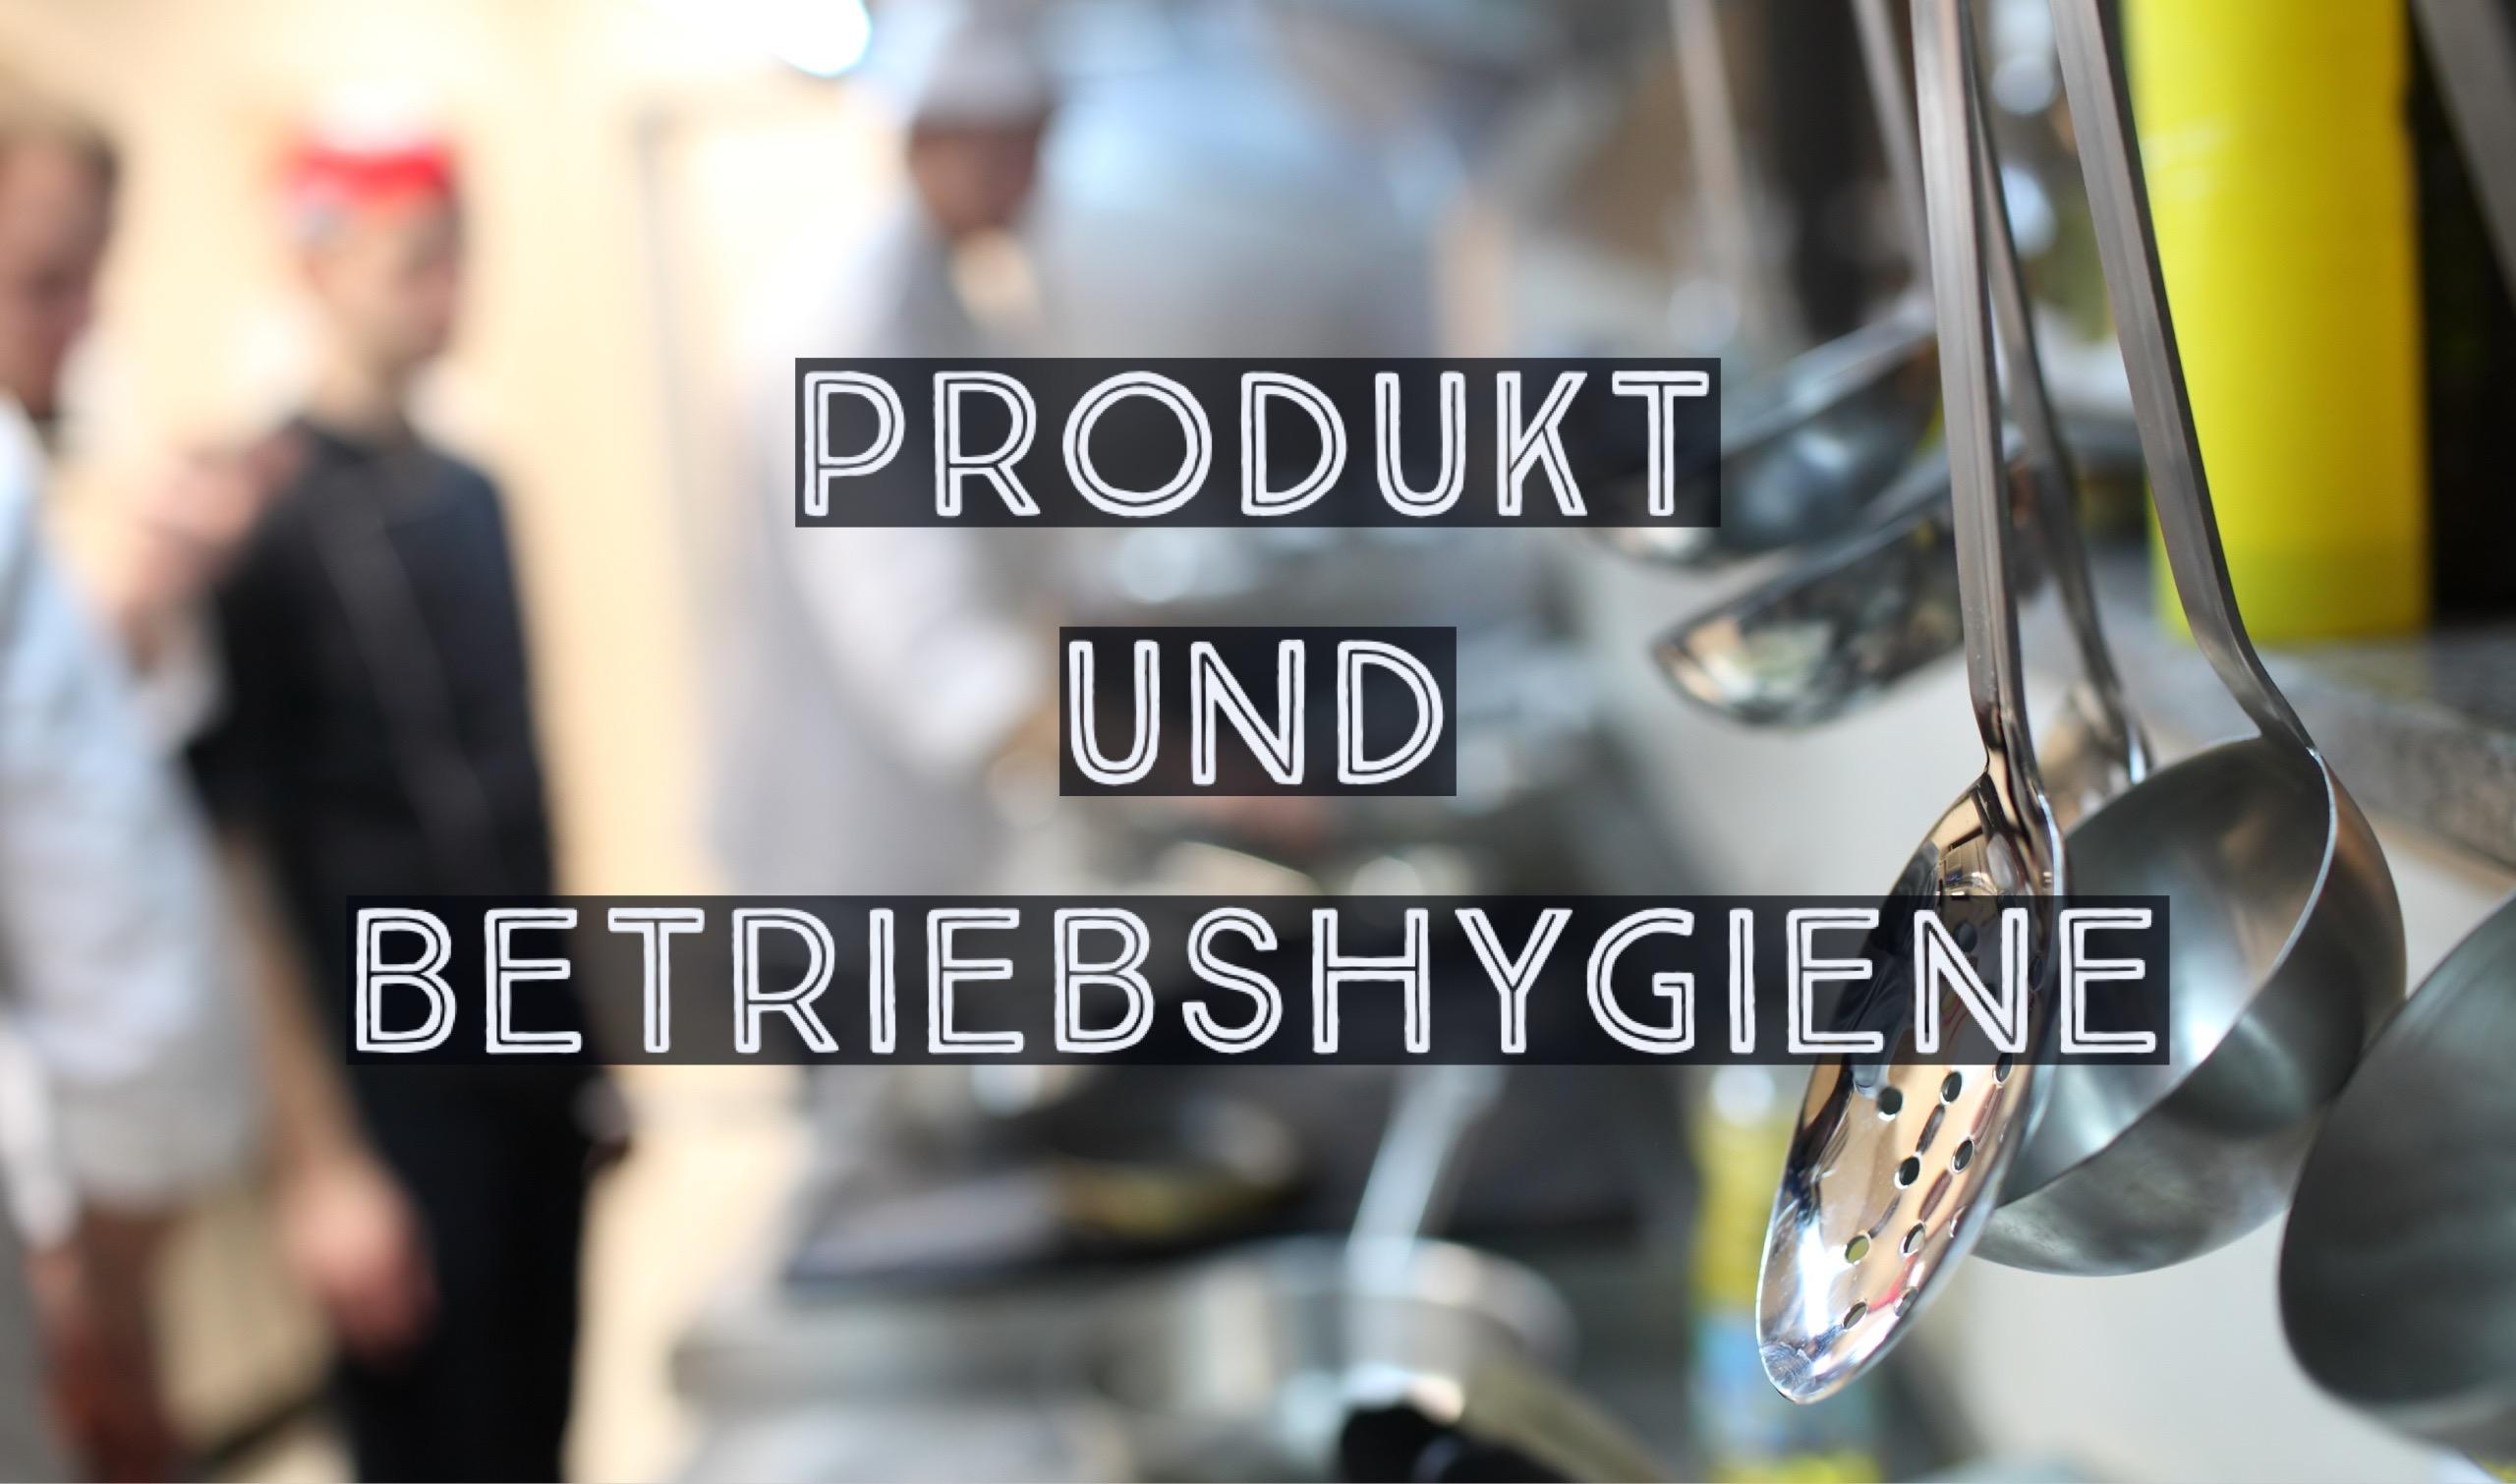 Produkt und Betriebshygiene